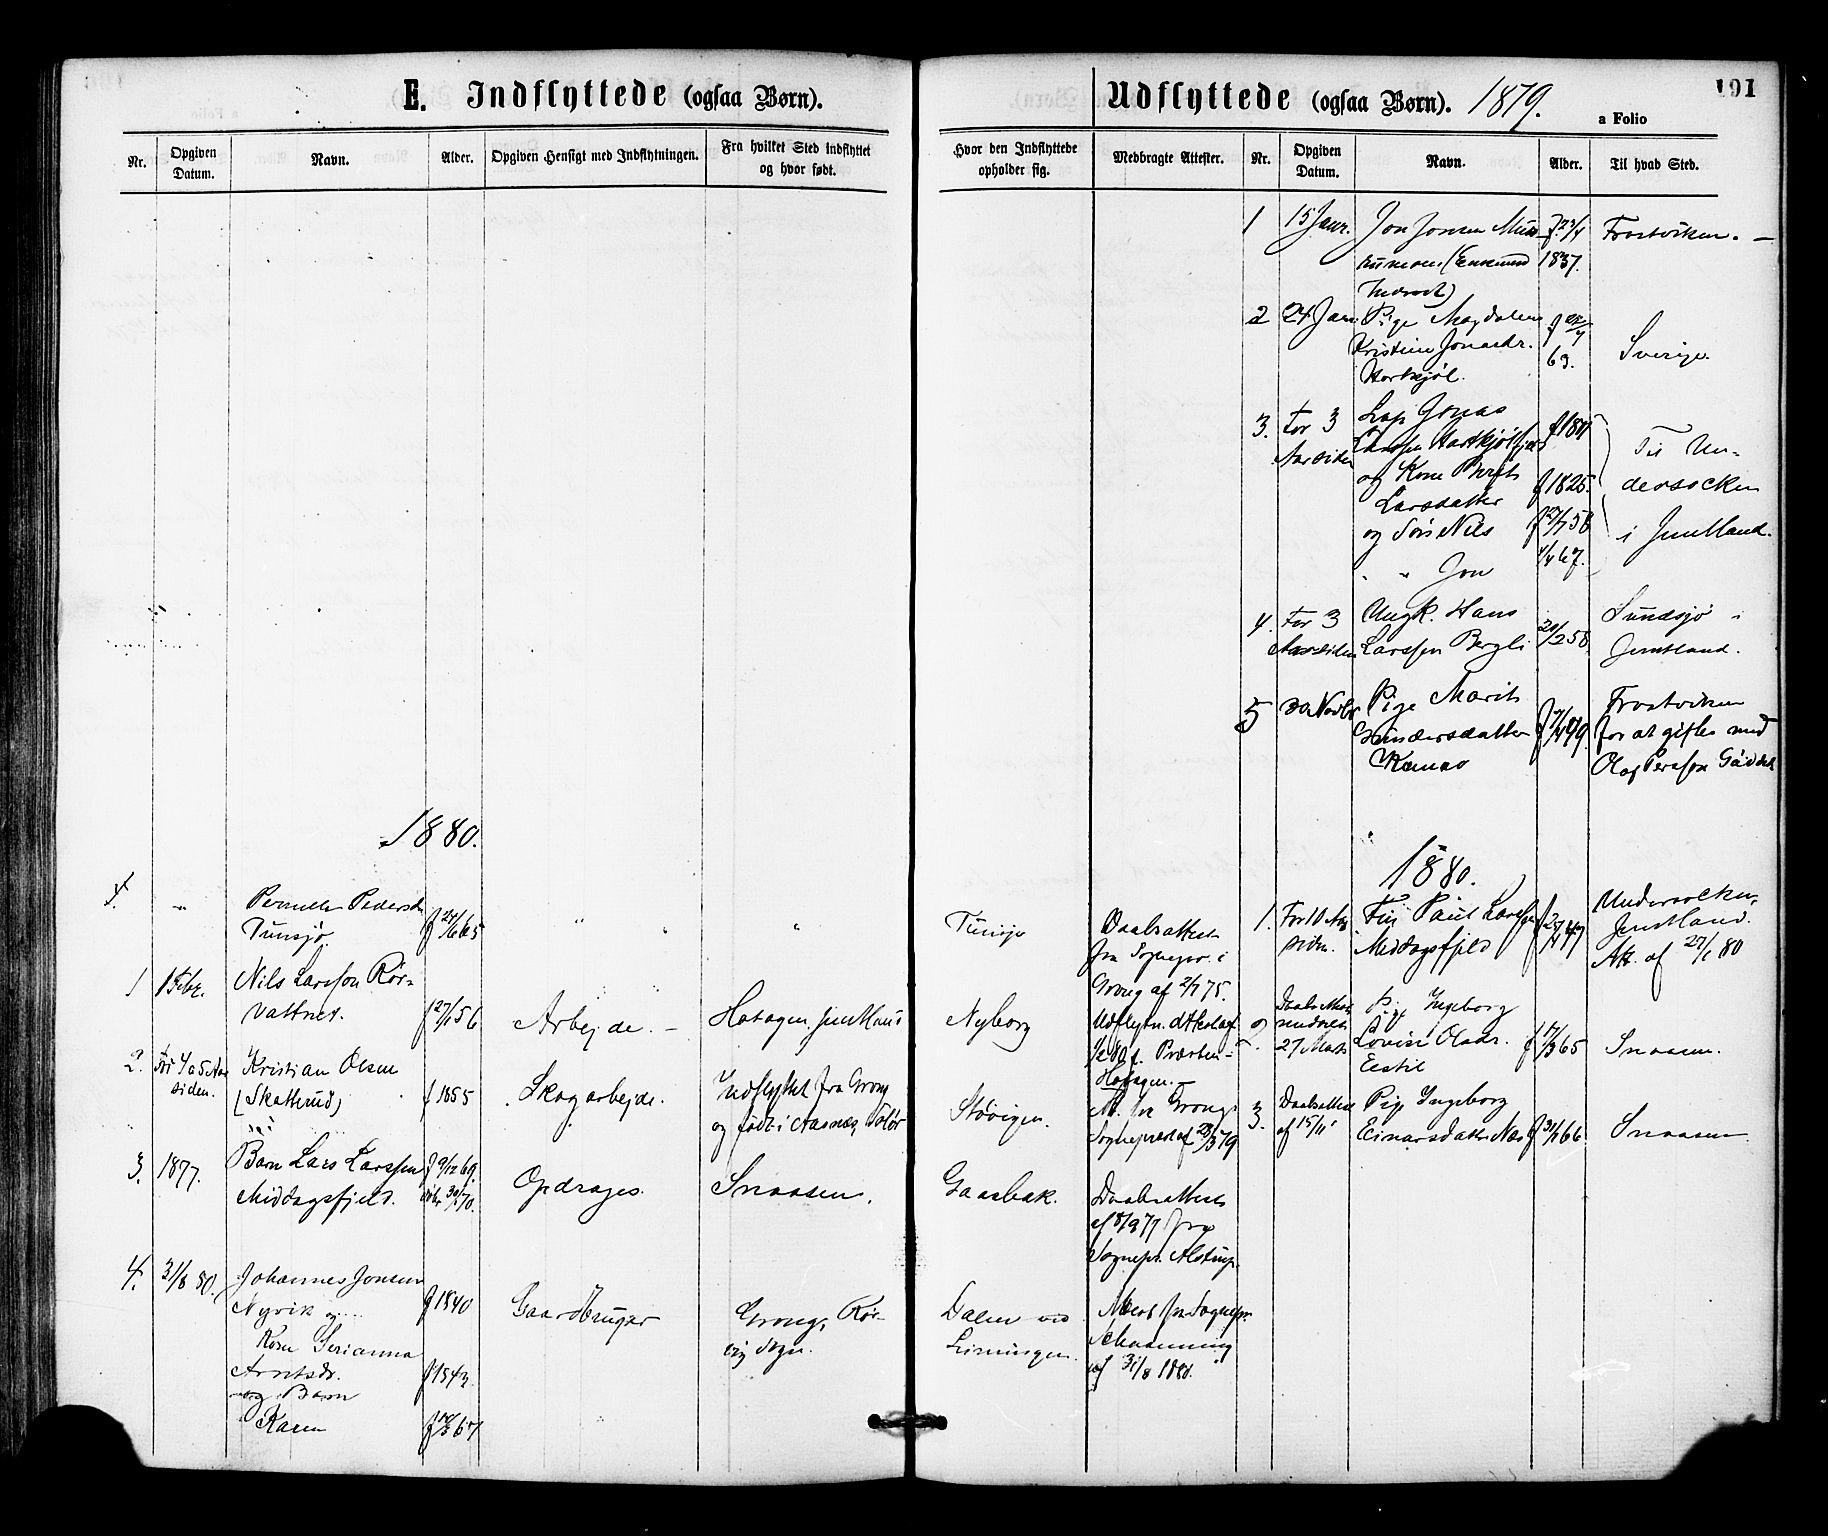 SAT, Ministerialprotokoller, klokkerbøker og fødselsregistre - Nord-Trøndelag, 755/L0493: Ministerialbok nr. 755A02, 1865-1881, s. 191